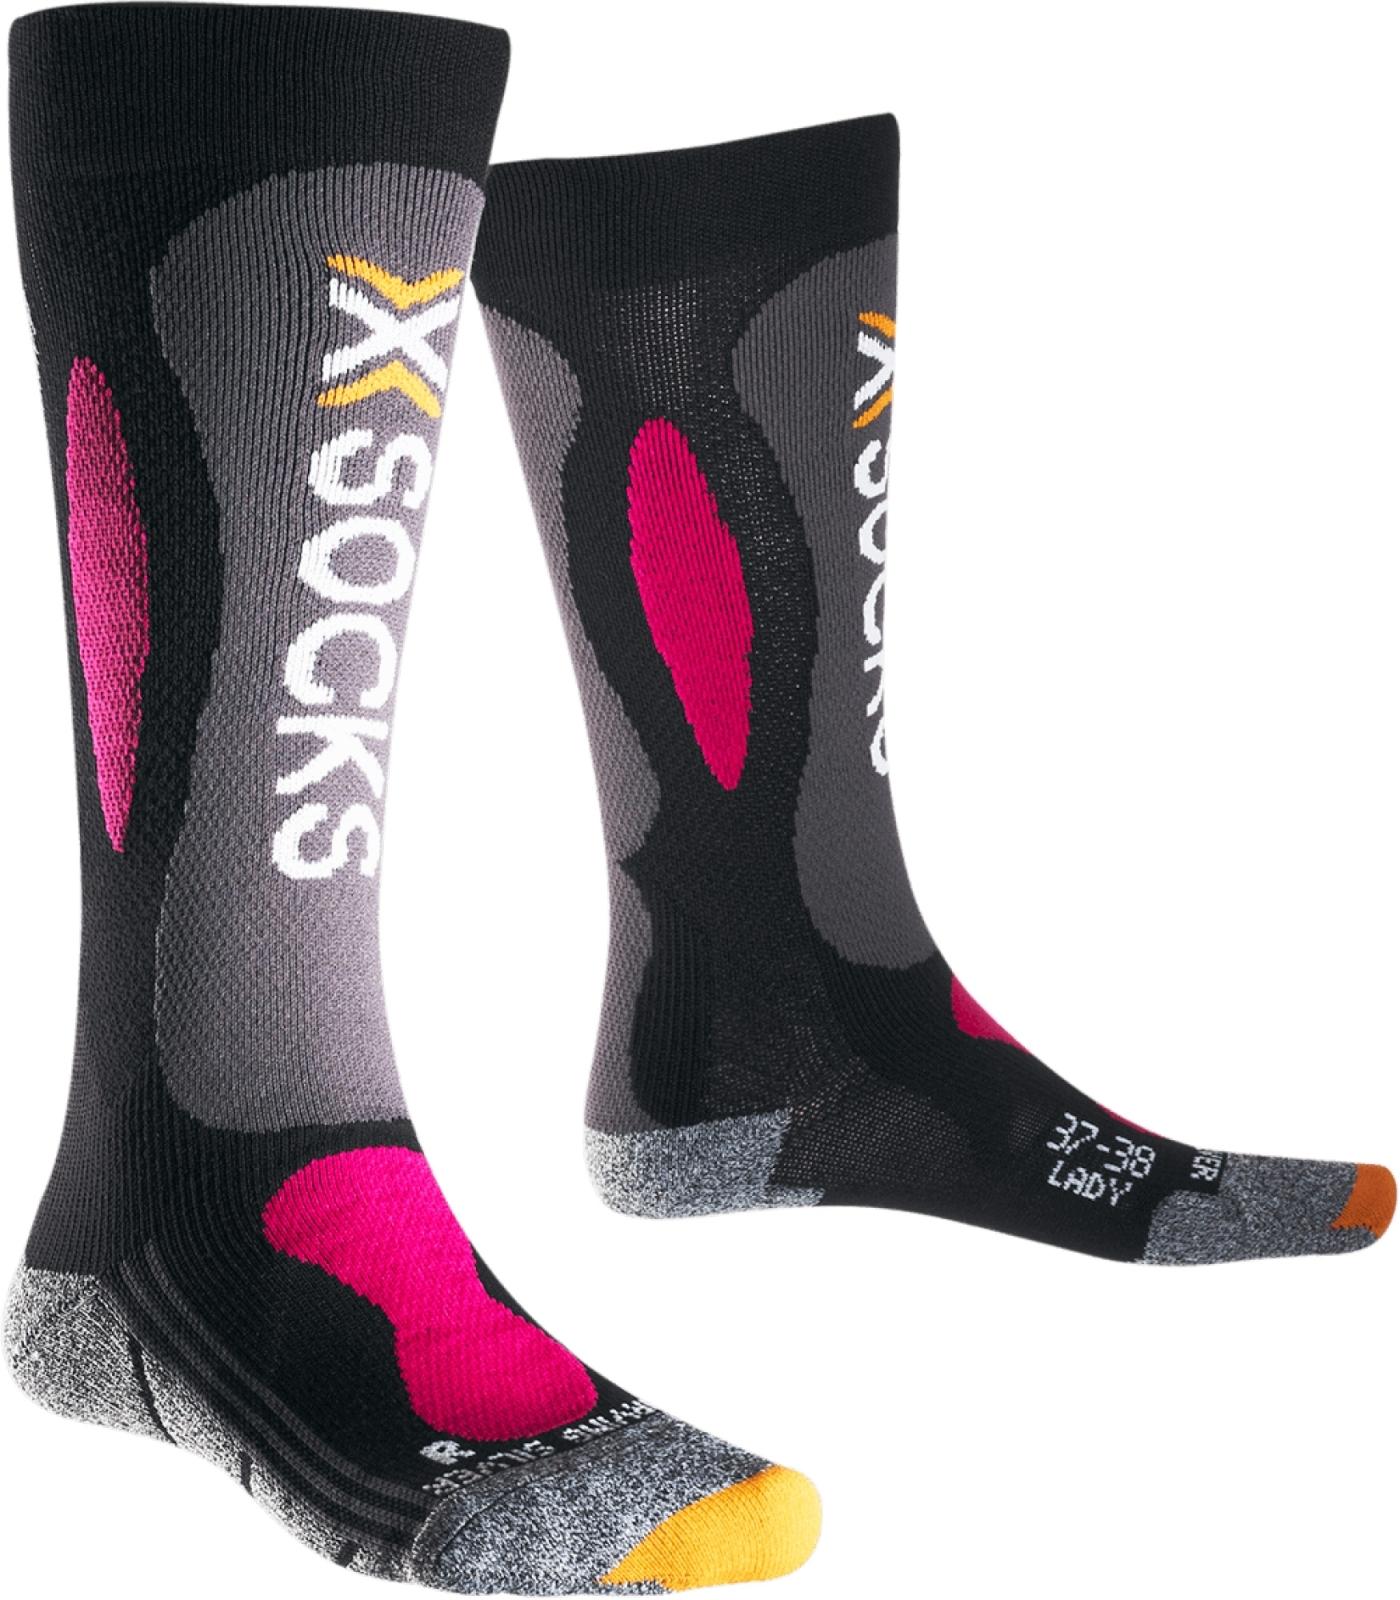 X-Socks Ski Carving Silver Socks Women - Black/Violet 35-36